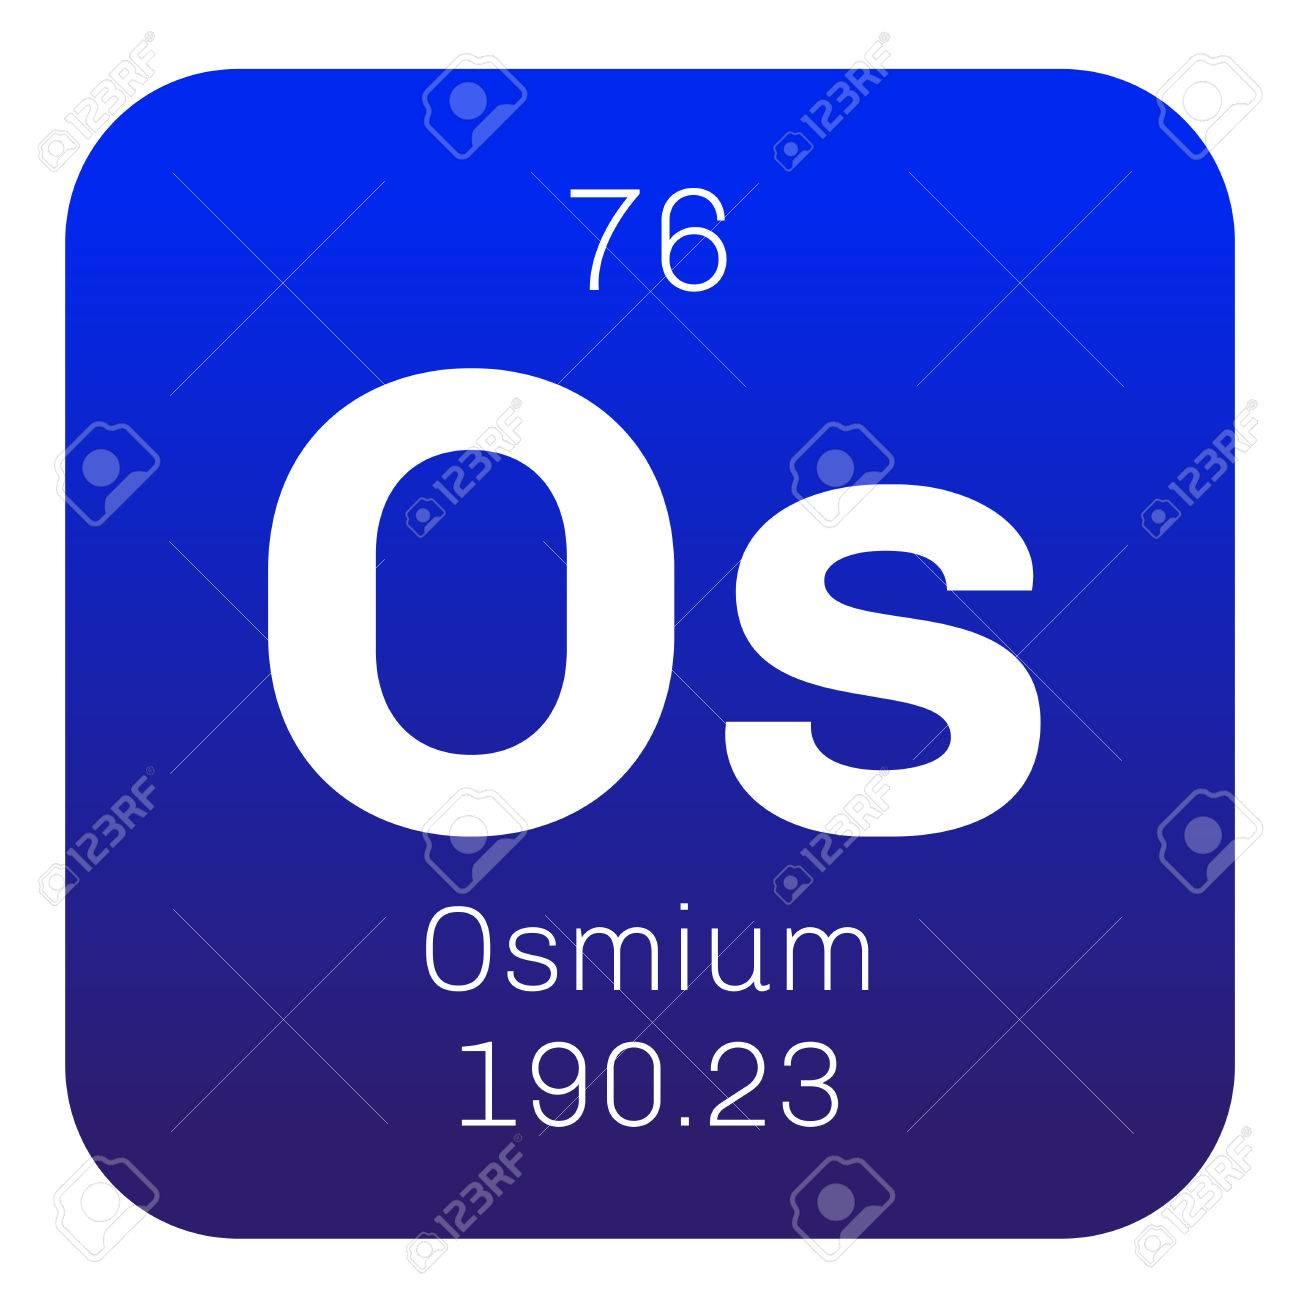 Osmium chemical element osmium is the densest naturally occurring osmium chemical element osmium is the densest naturally occurring element colored icon with atomic urtaz Images